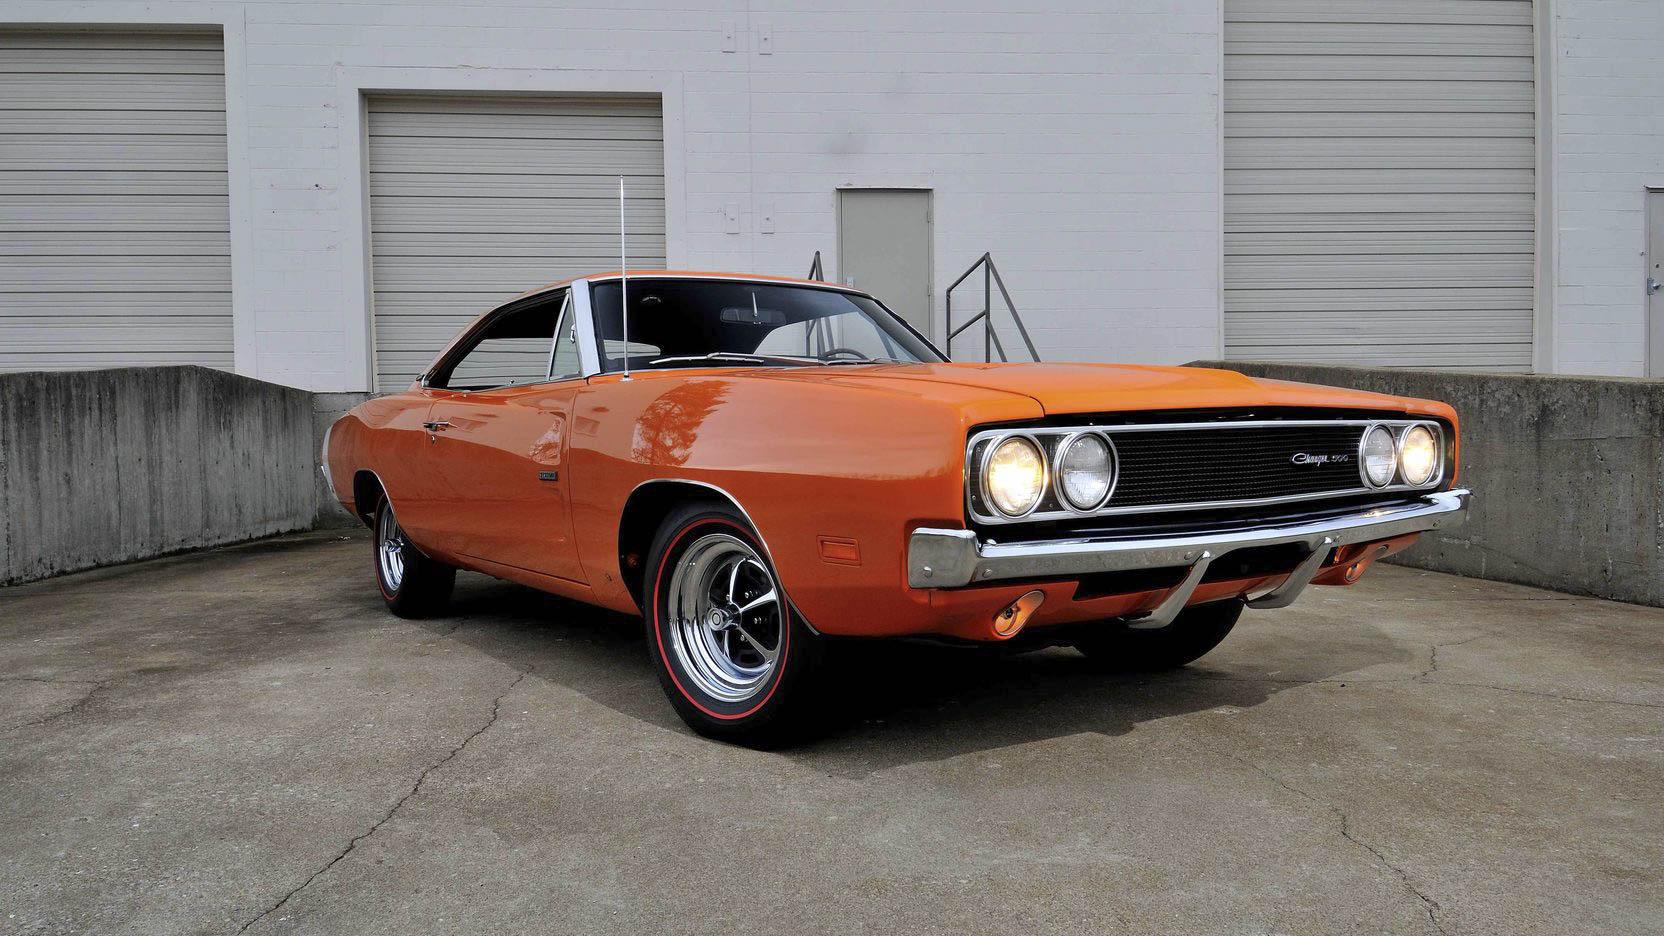 Orange 1969 Dodge Charger 500 front 3/4